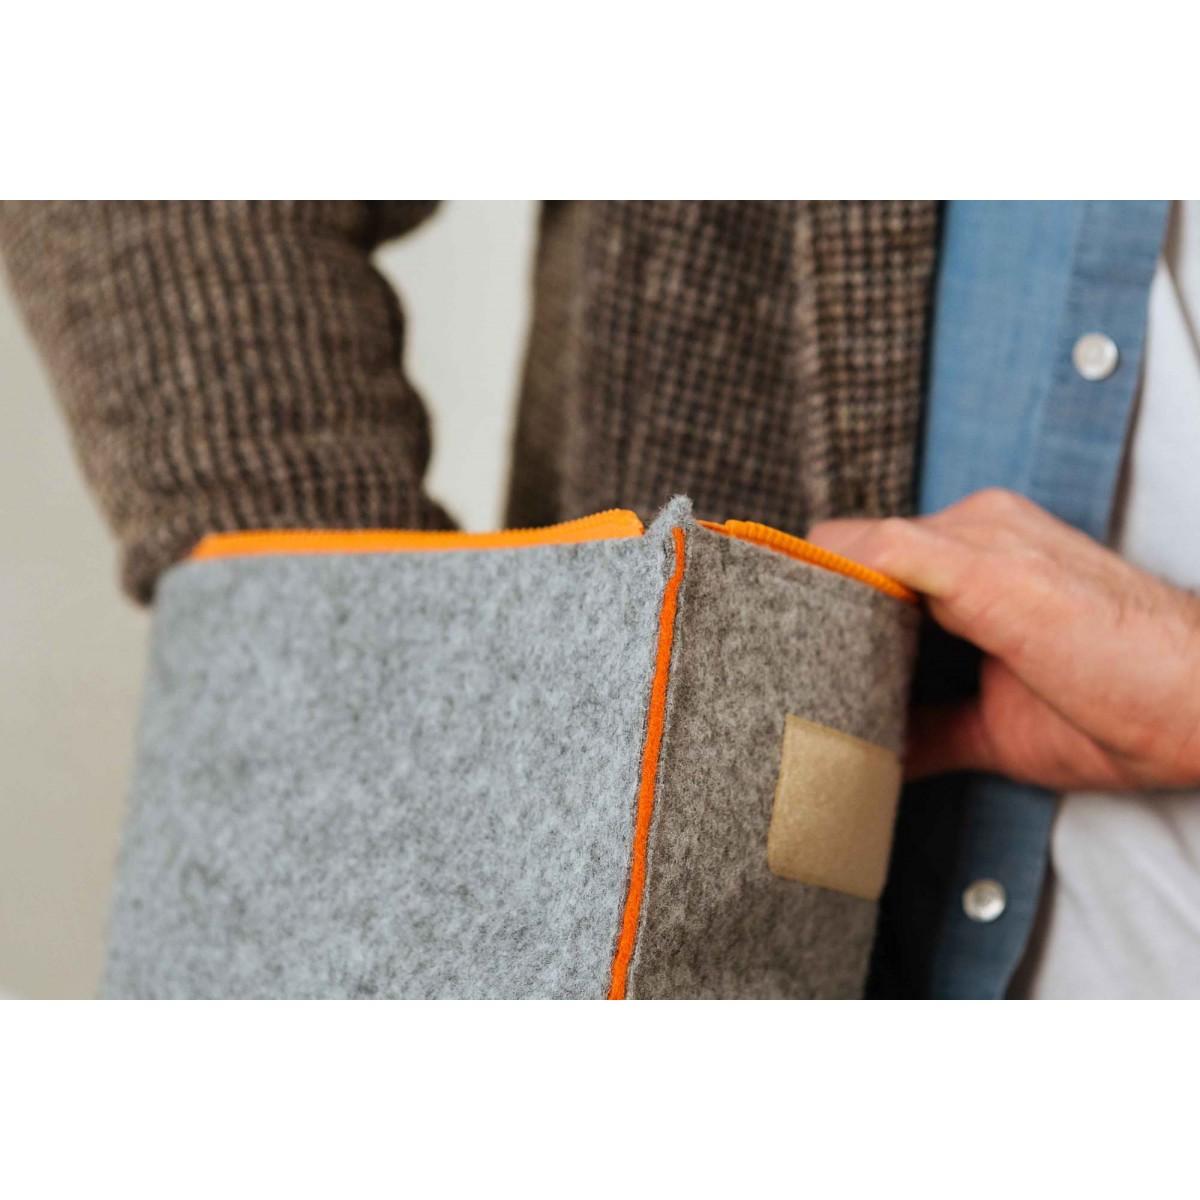 RÅVARE puristischer Messenger Backpack aus Filz, federleichter Uni-Rucksack im skandinavischen Stil